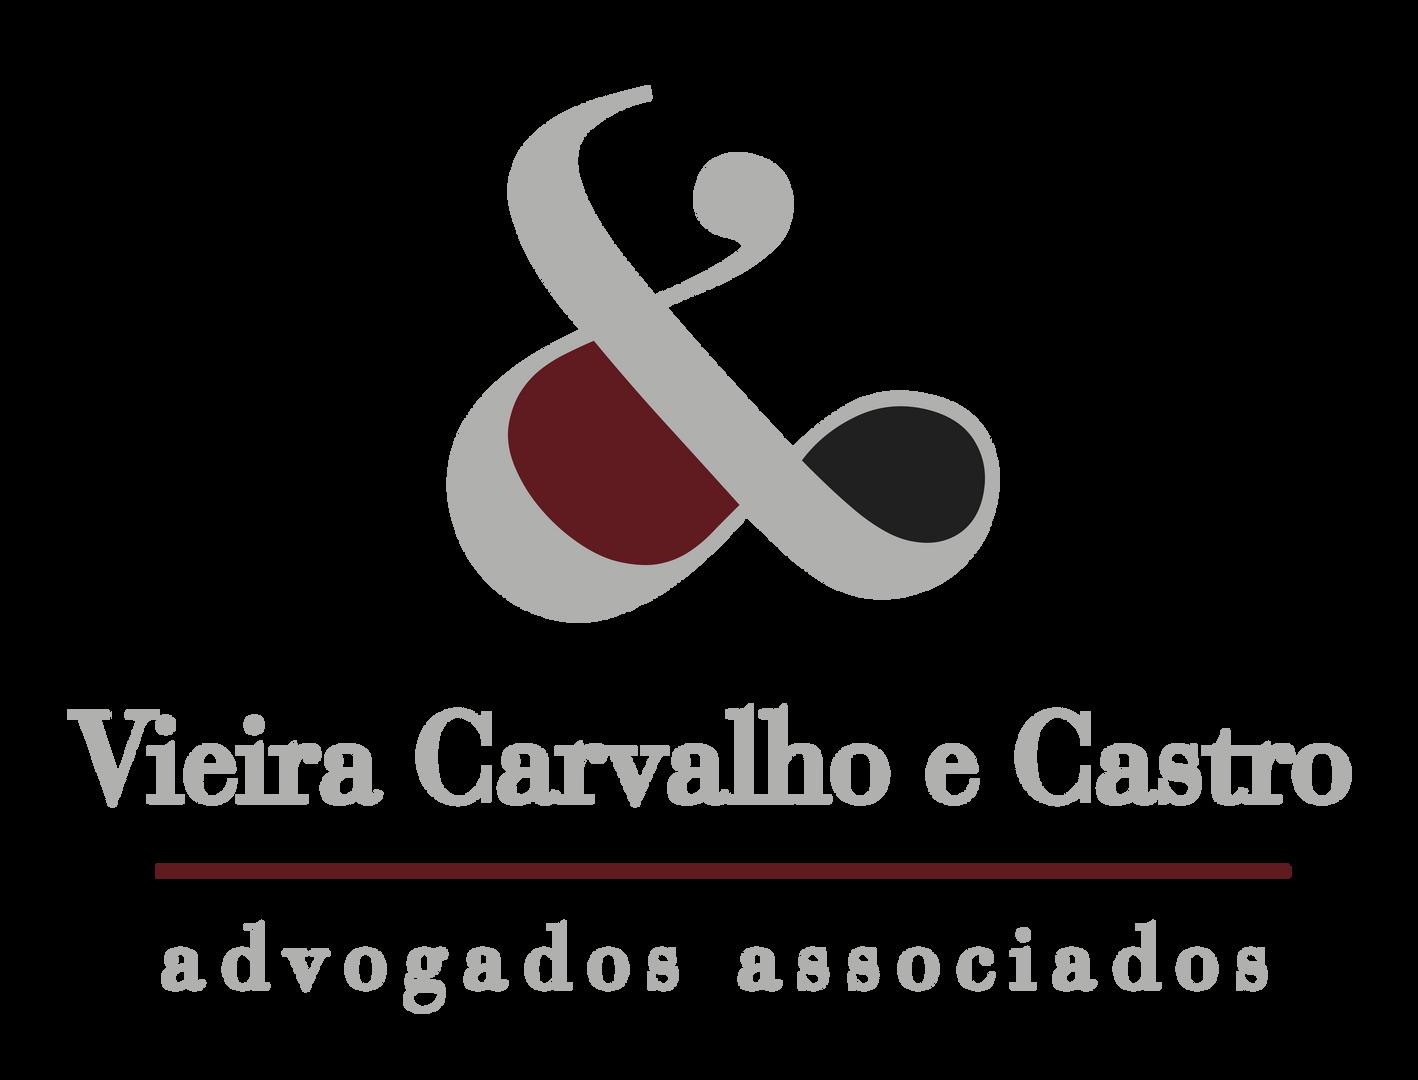 Vieira, Carvalho e Castro - Advogados Associados